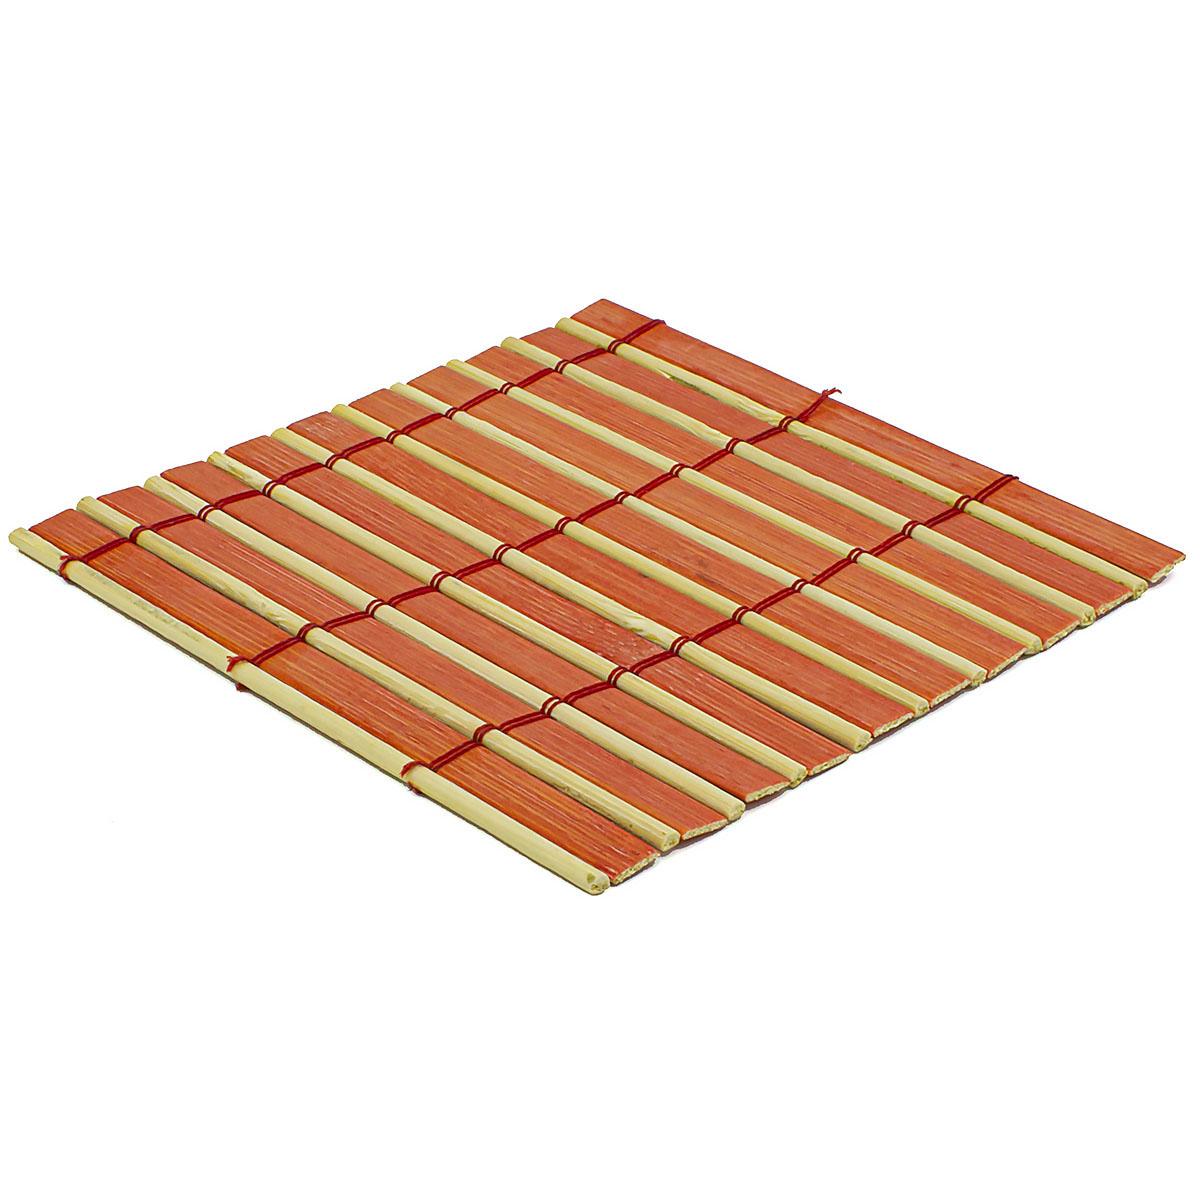 Набор чайных циновок (бамбук), красные двухцветные, 10 х 10 см, 5 шт/упак набор чайных циновок бамбук красные двухцветные 10 х 10 см 5 шт упак